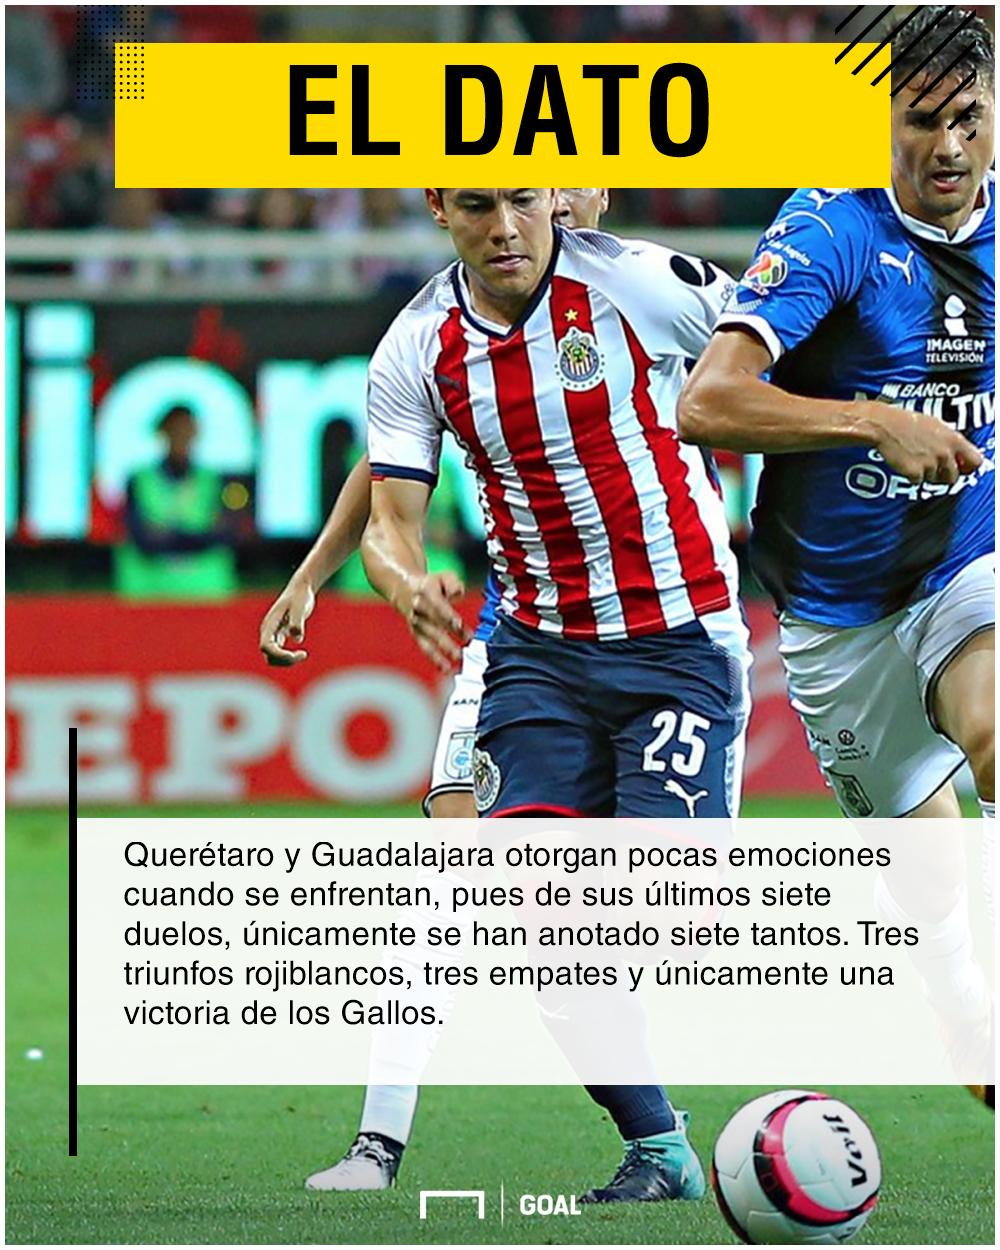 Querétaro vs Chivas